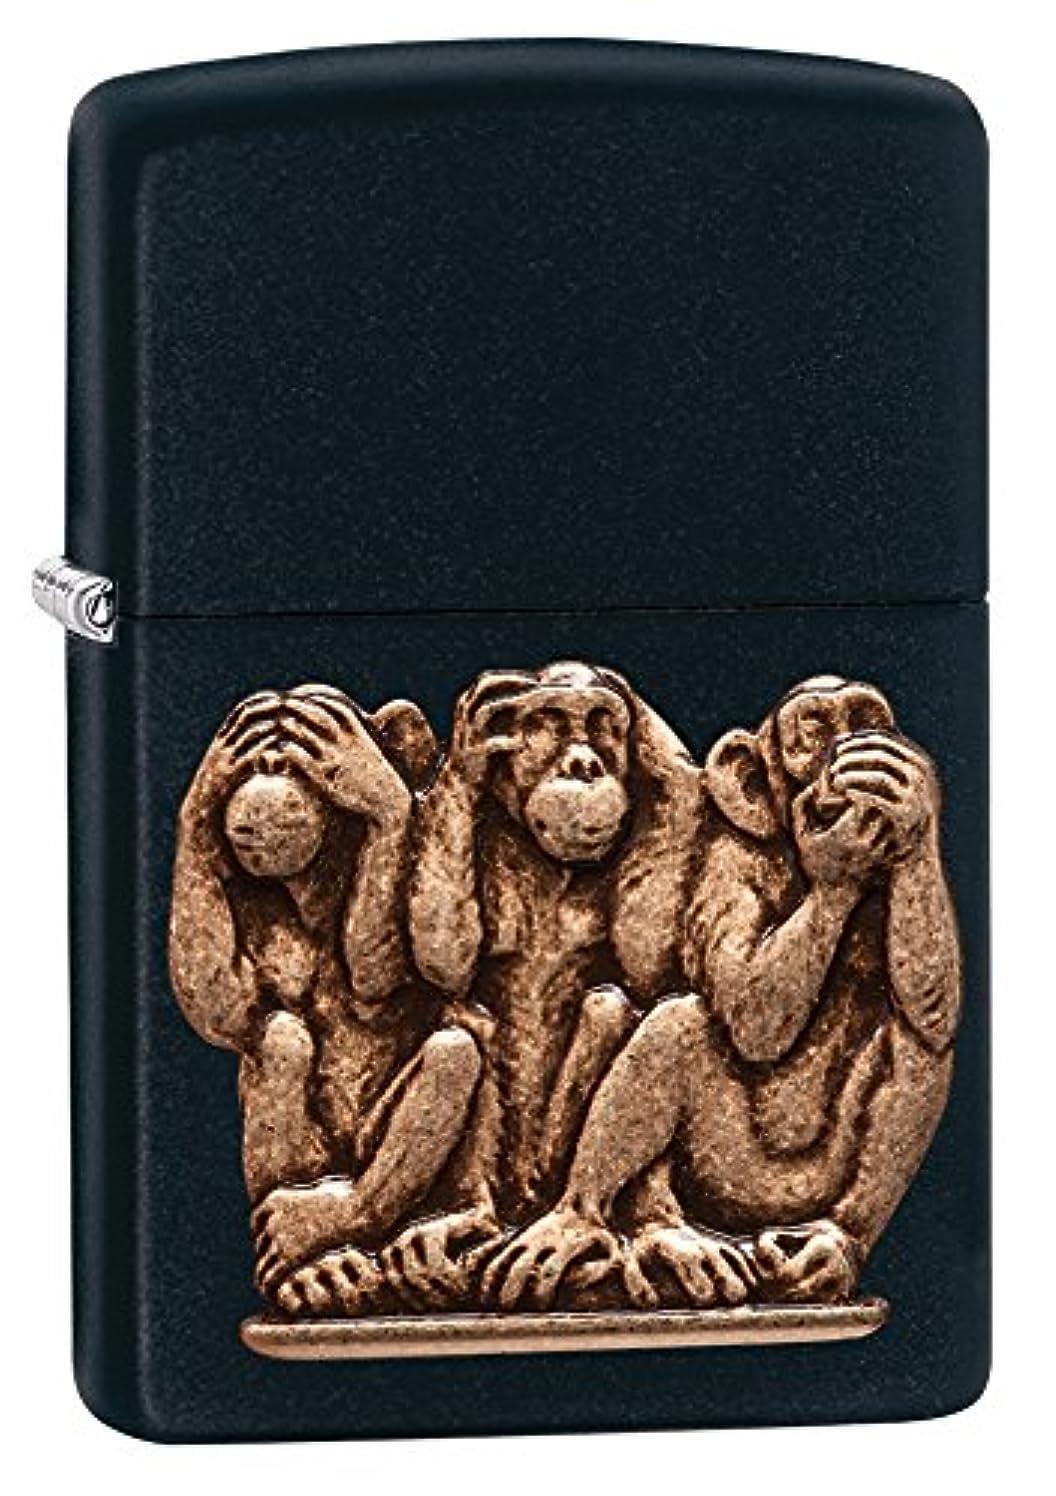 こねる遊具地球ZIPPO(ジッポー) Animal (アニマル) ライター 日本未発売 29409 Black Matte Monkey [並行輸入品]